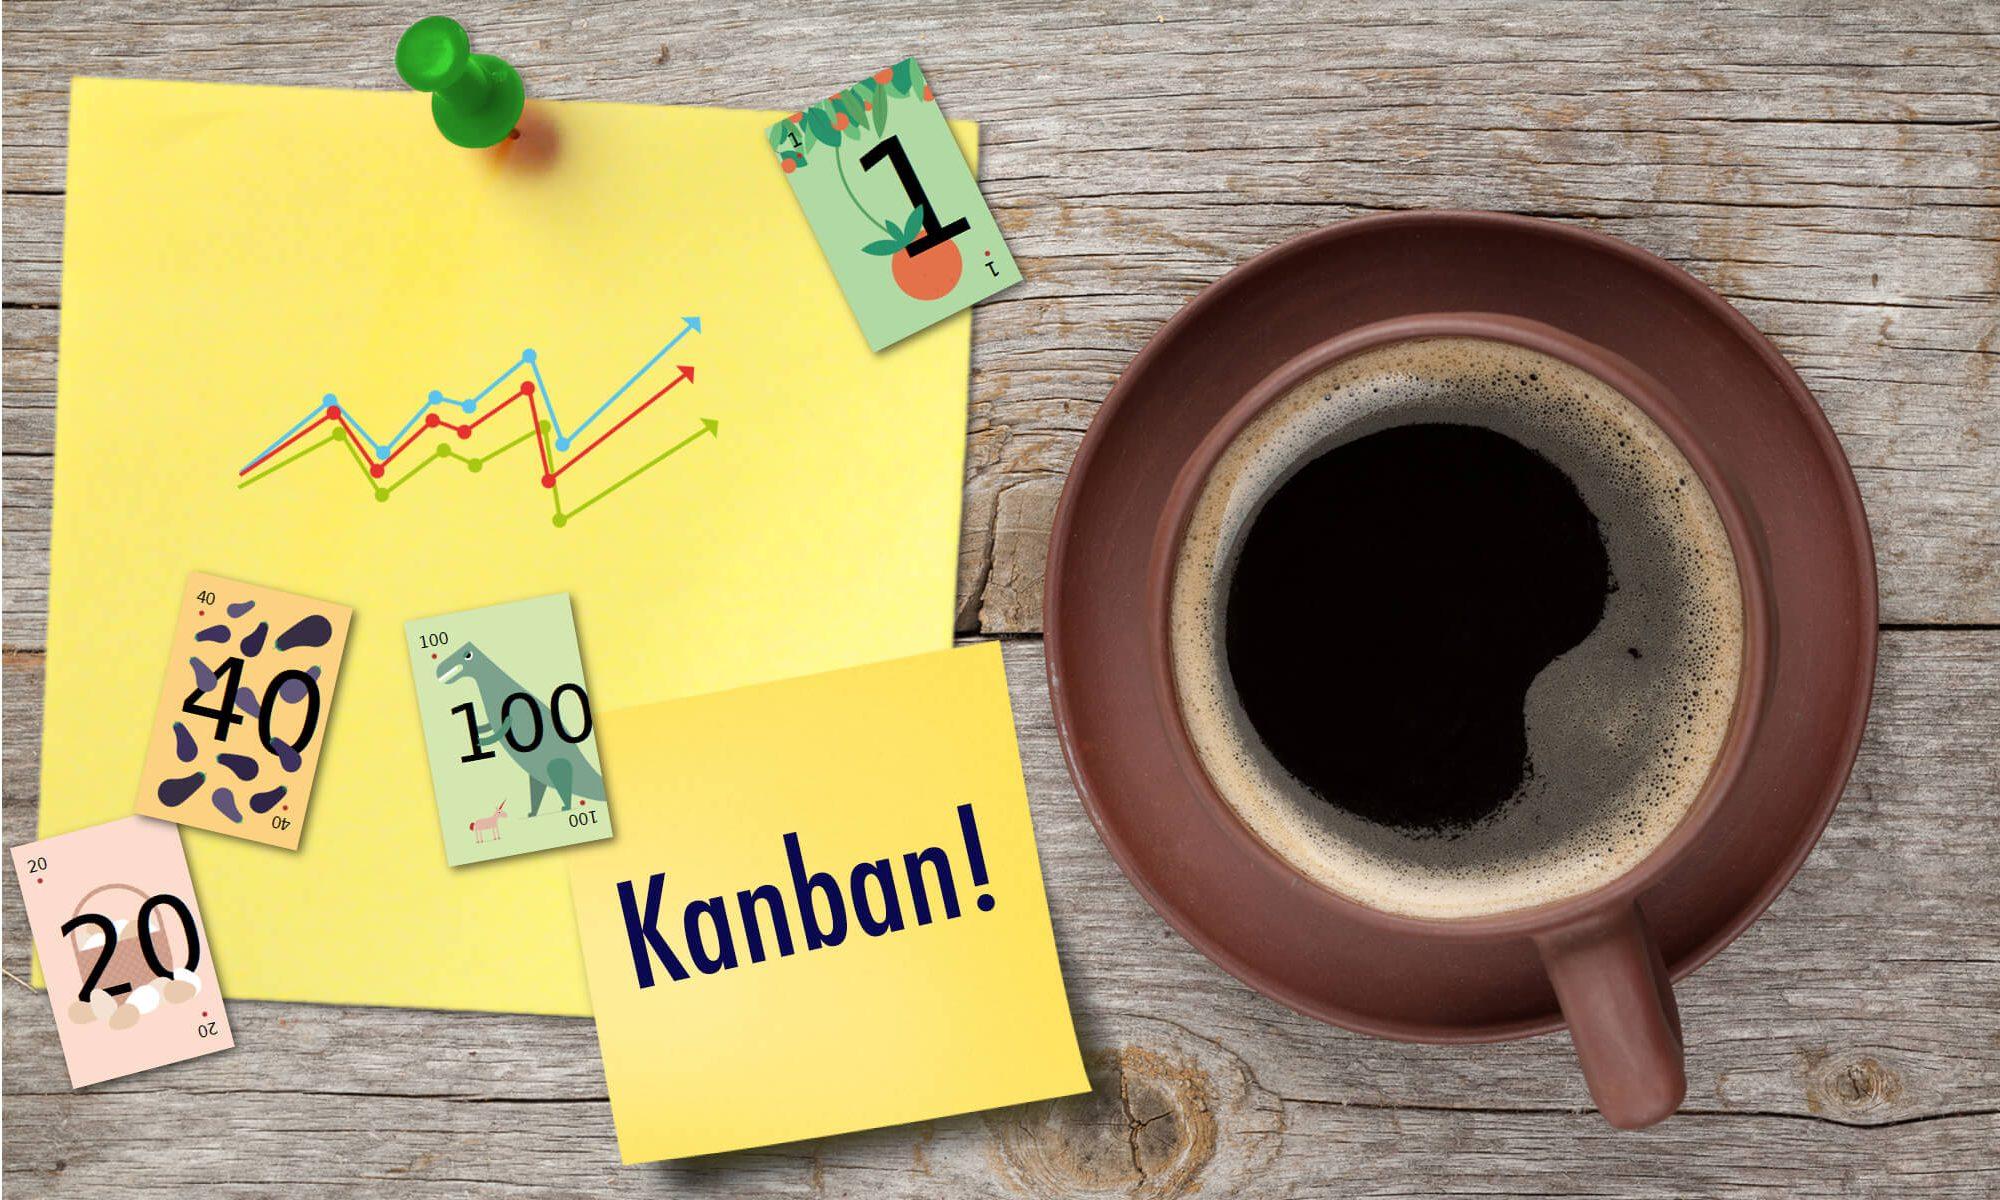 The 10% Kanban rule